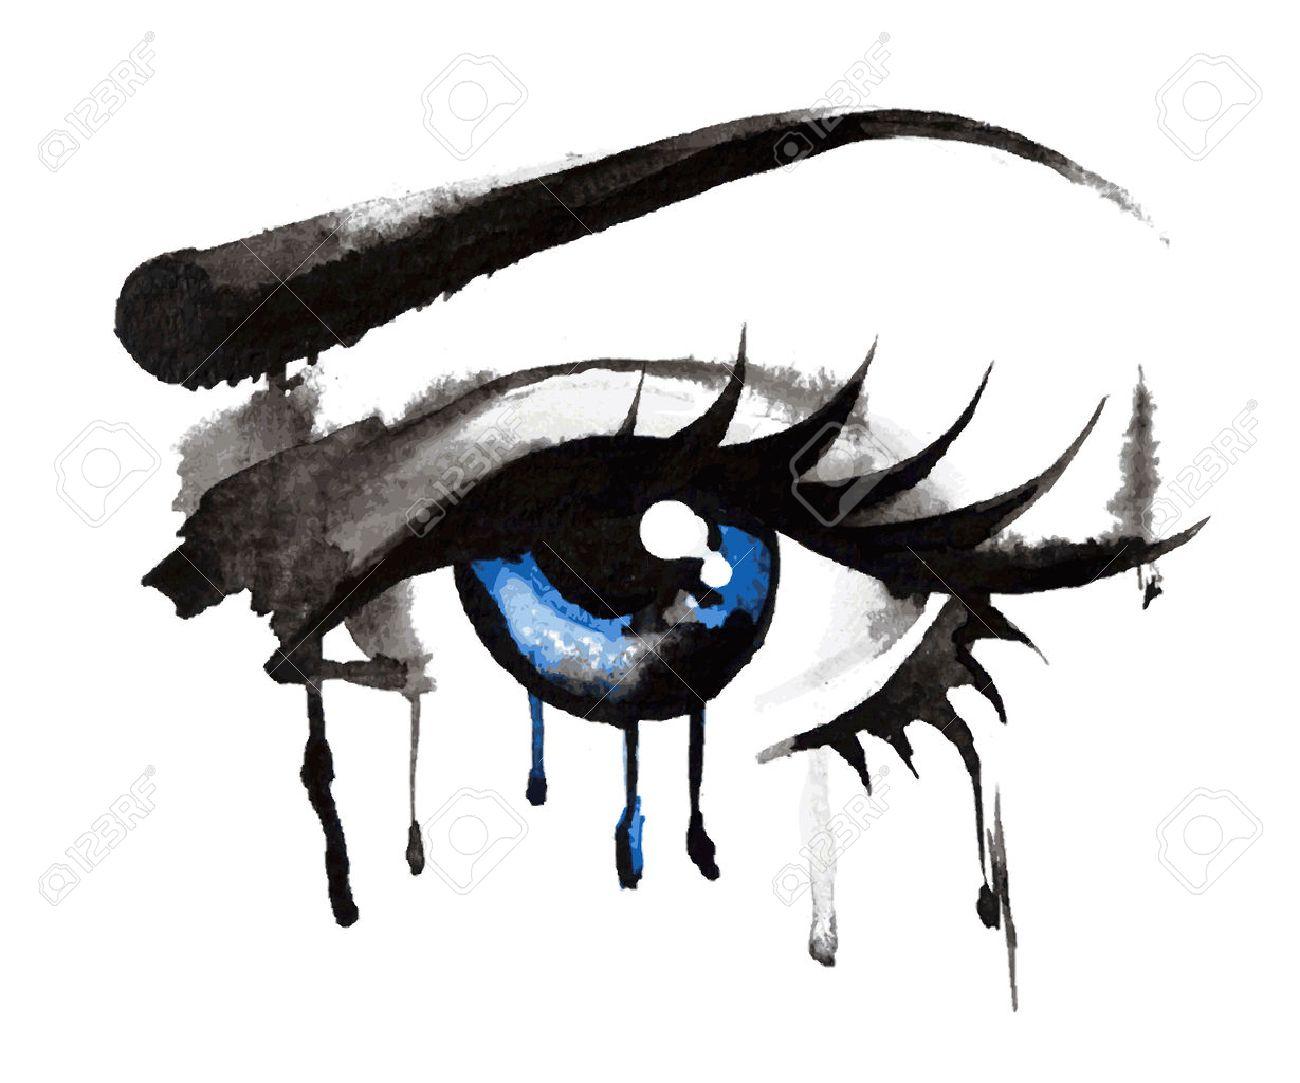 Eyes Hand Drawn - 36026119